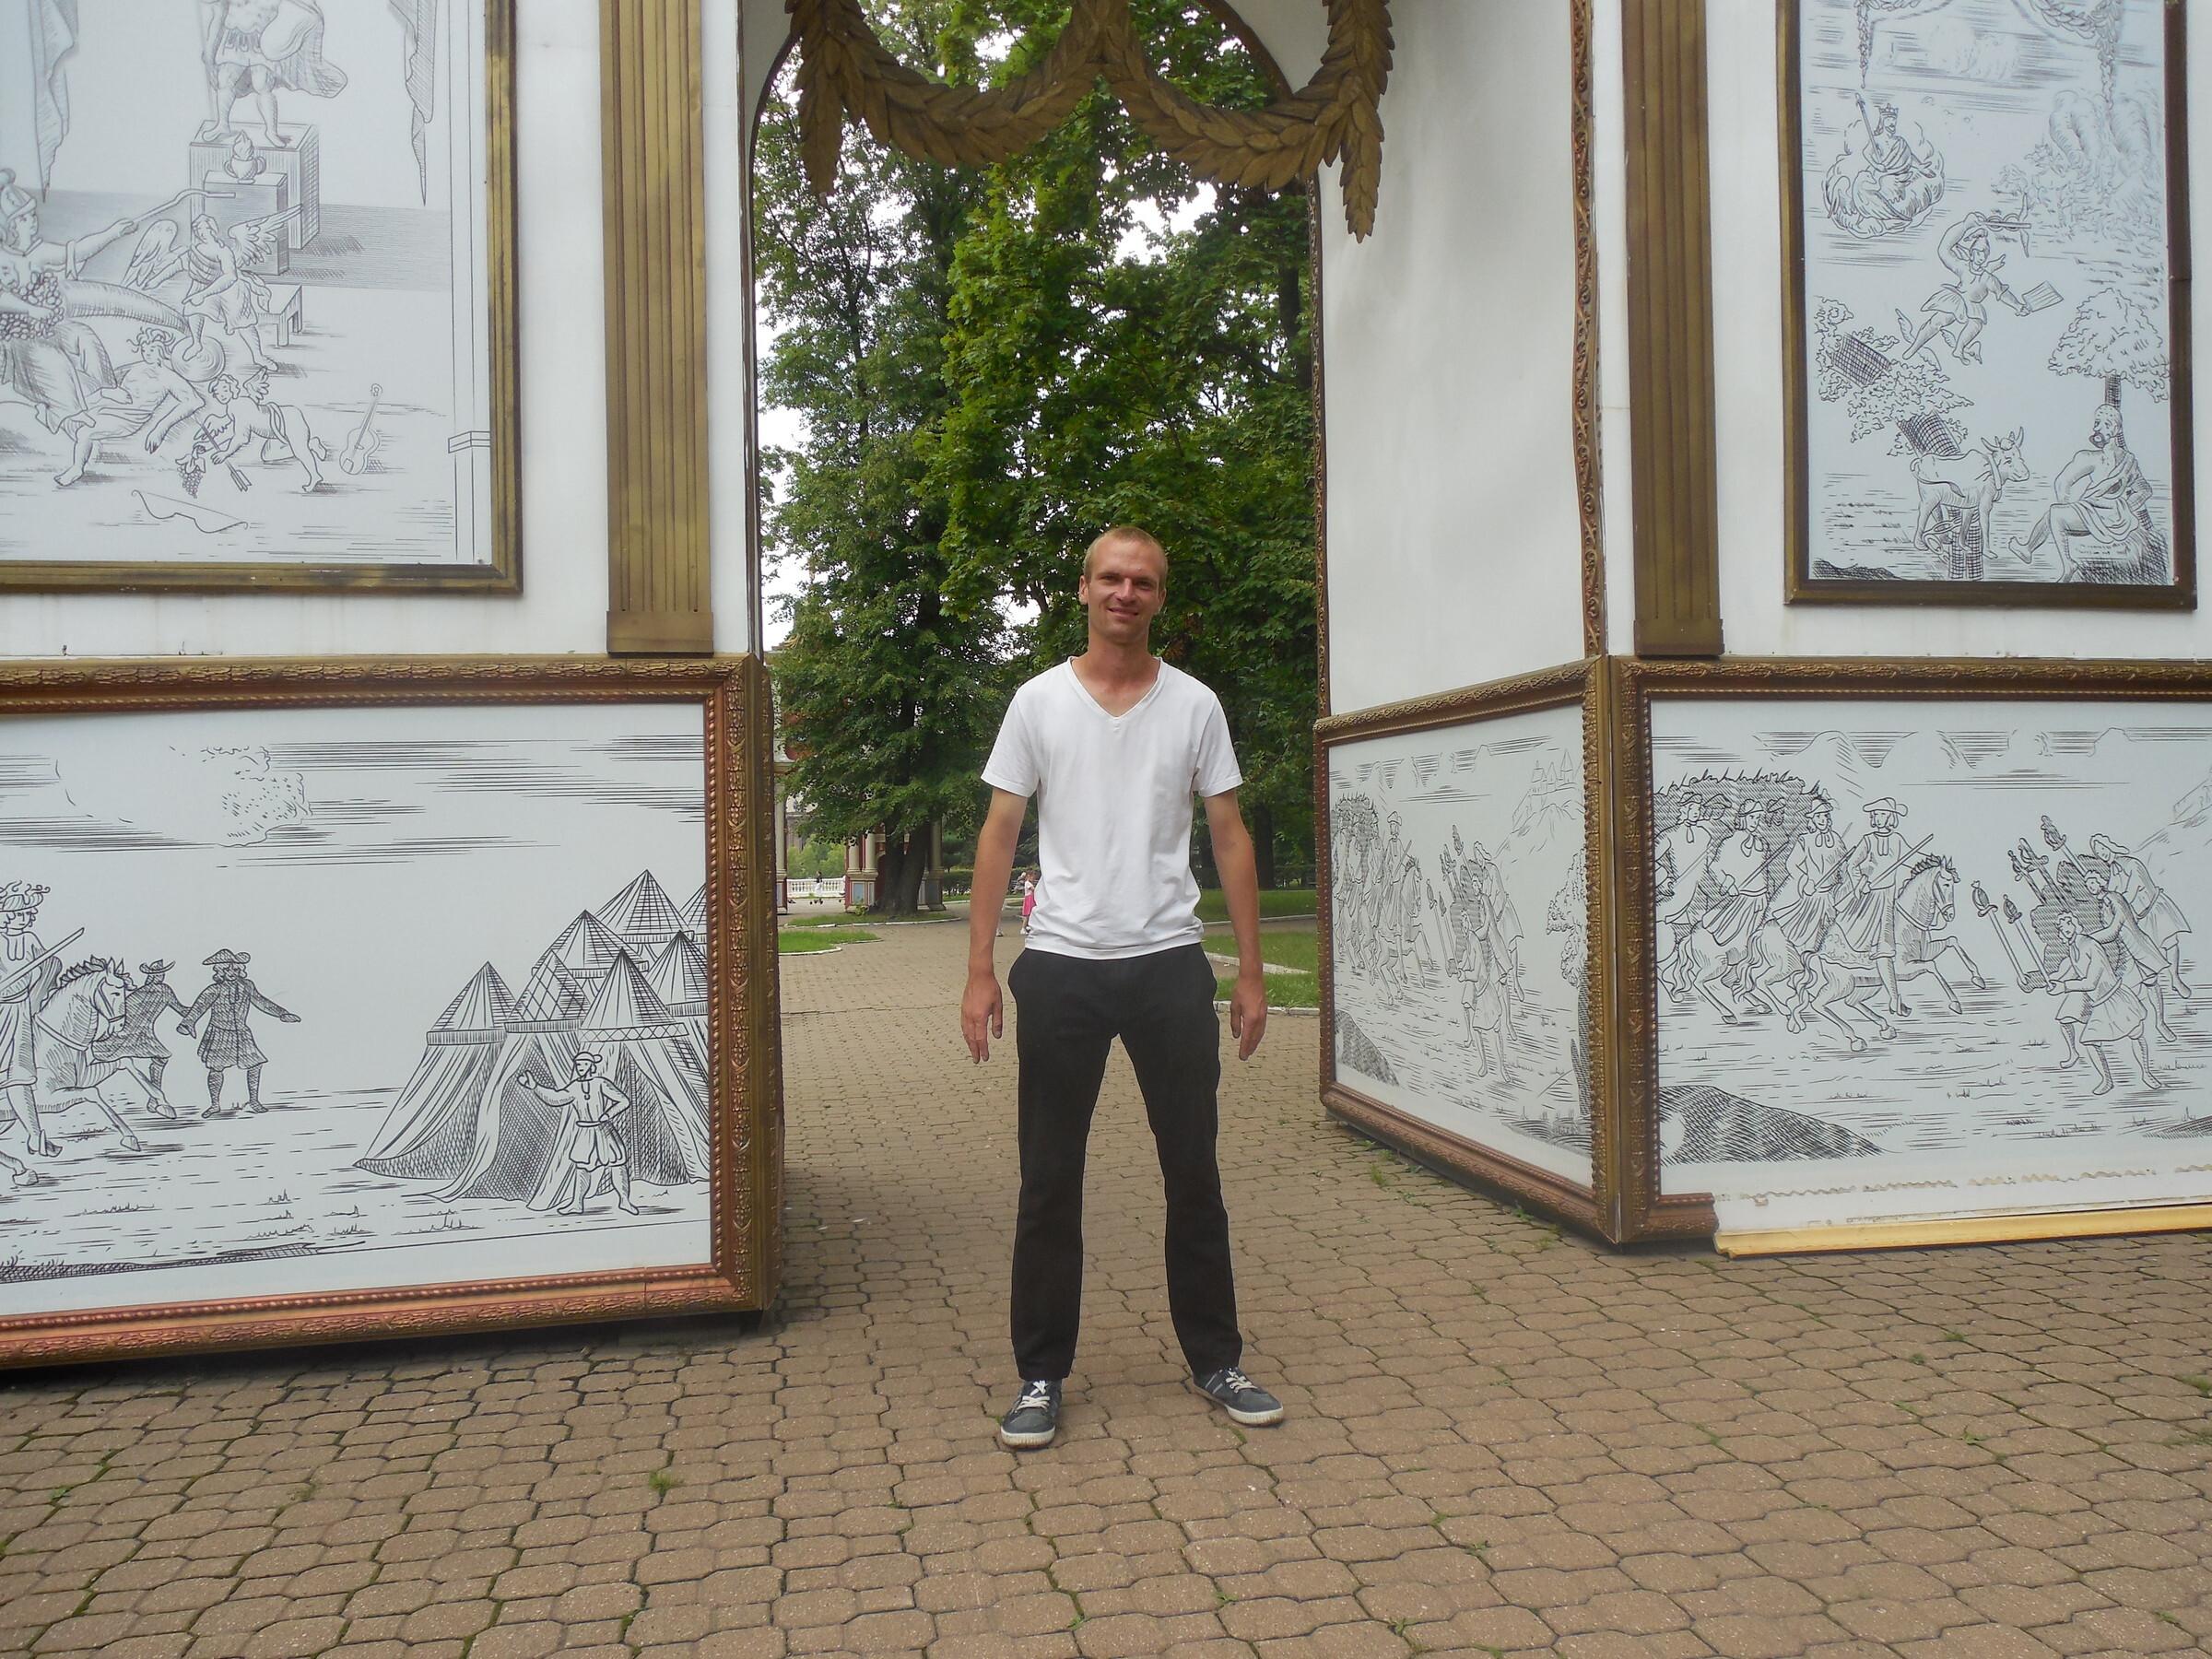 Лефортовский парк: Триумфальные ворота в честь победы в Полтавской битве, Москва - Лефортовский парк